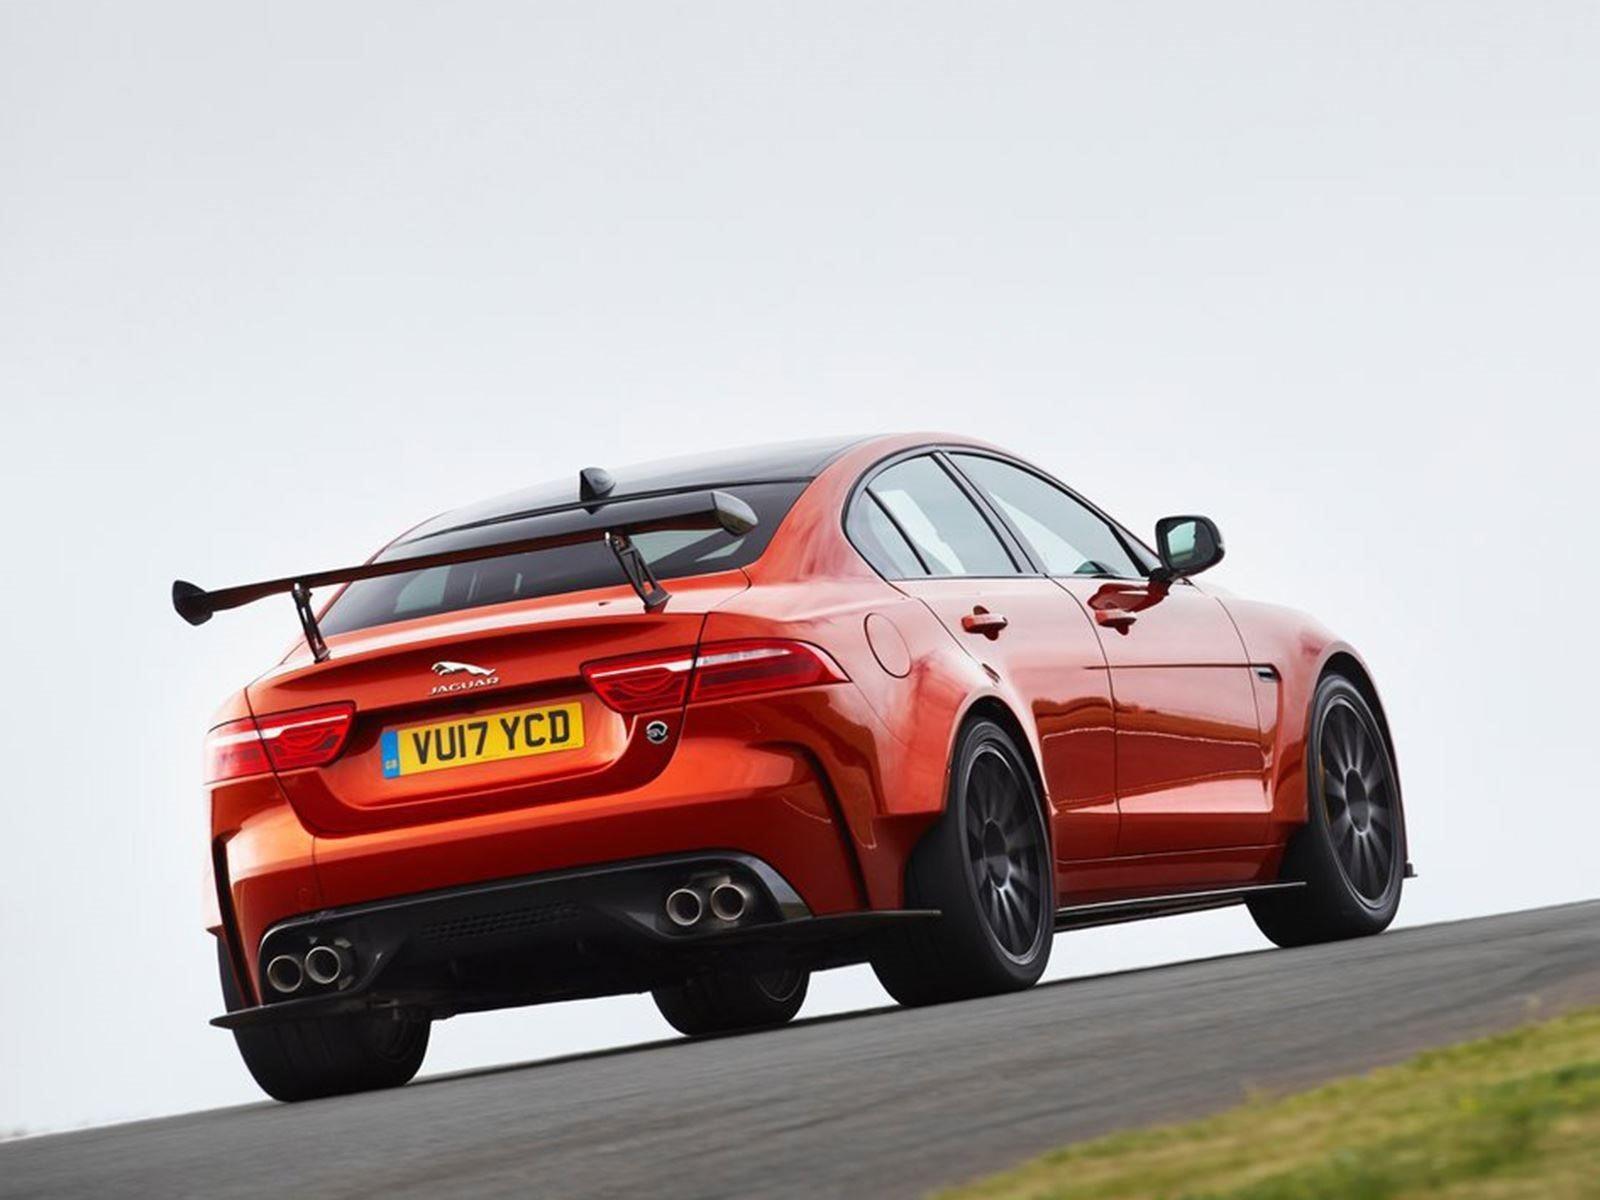 Project 7 имел крышу, предназначенную для того, чтобы выглядеть как гоночный автомобиль D Type, а Project 8 - единственный XE, доступный с двигателем V8. «Будет Project 9», - сказал  «Top Gear» Джон Эдвардс, босс SVO Jag. «Но нет решения, каким он бу